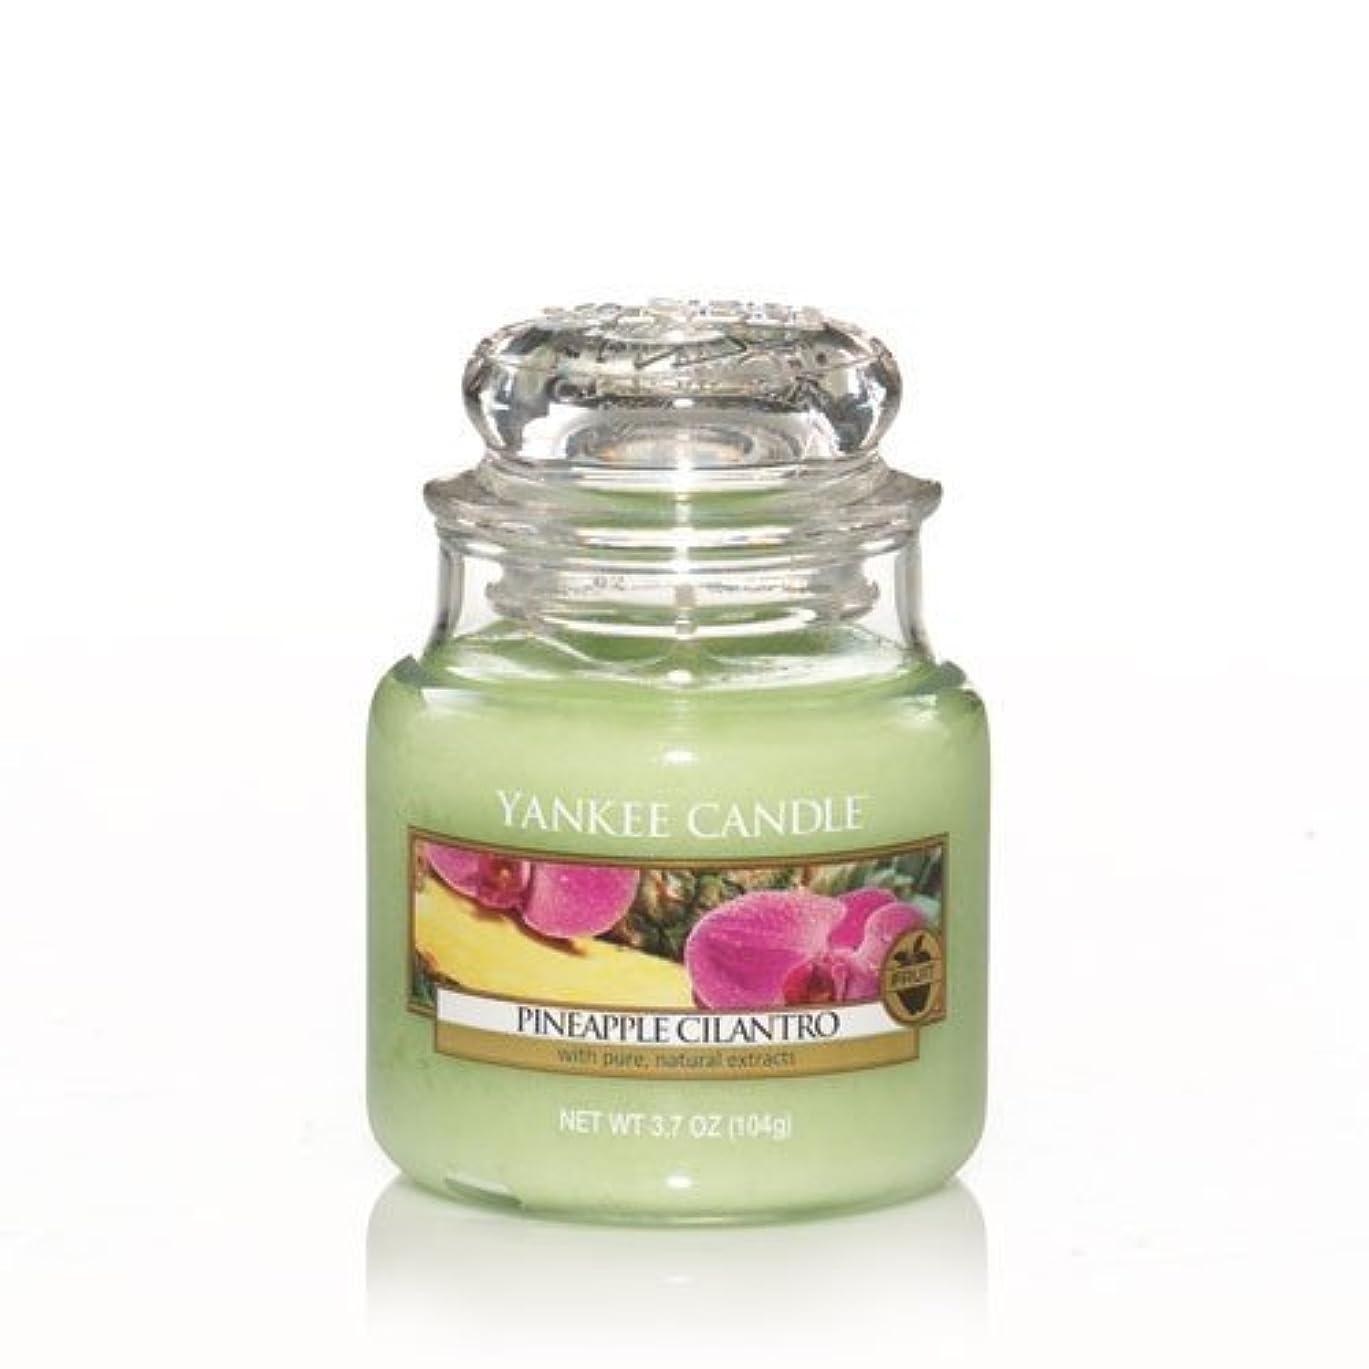 手錠応用エピソードYankee Candle Pineapple Cilantro Small Jar Candle, Fruit Scent by Yankee Candle Co. [並行輸入品]